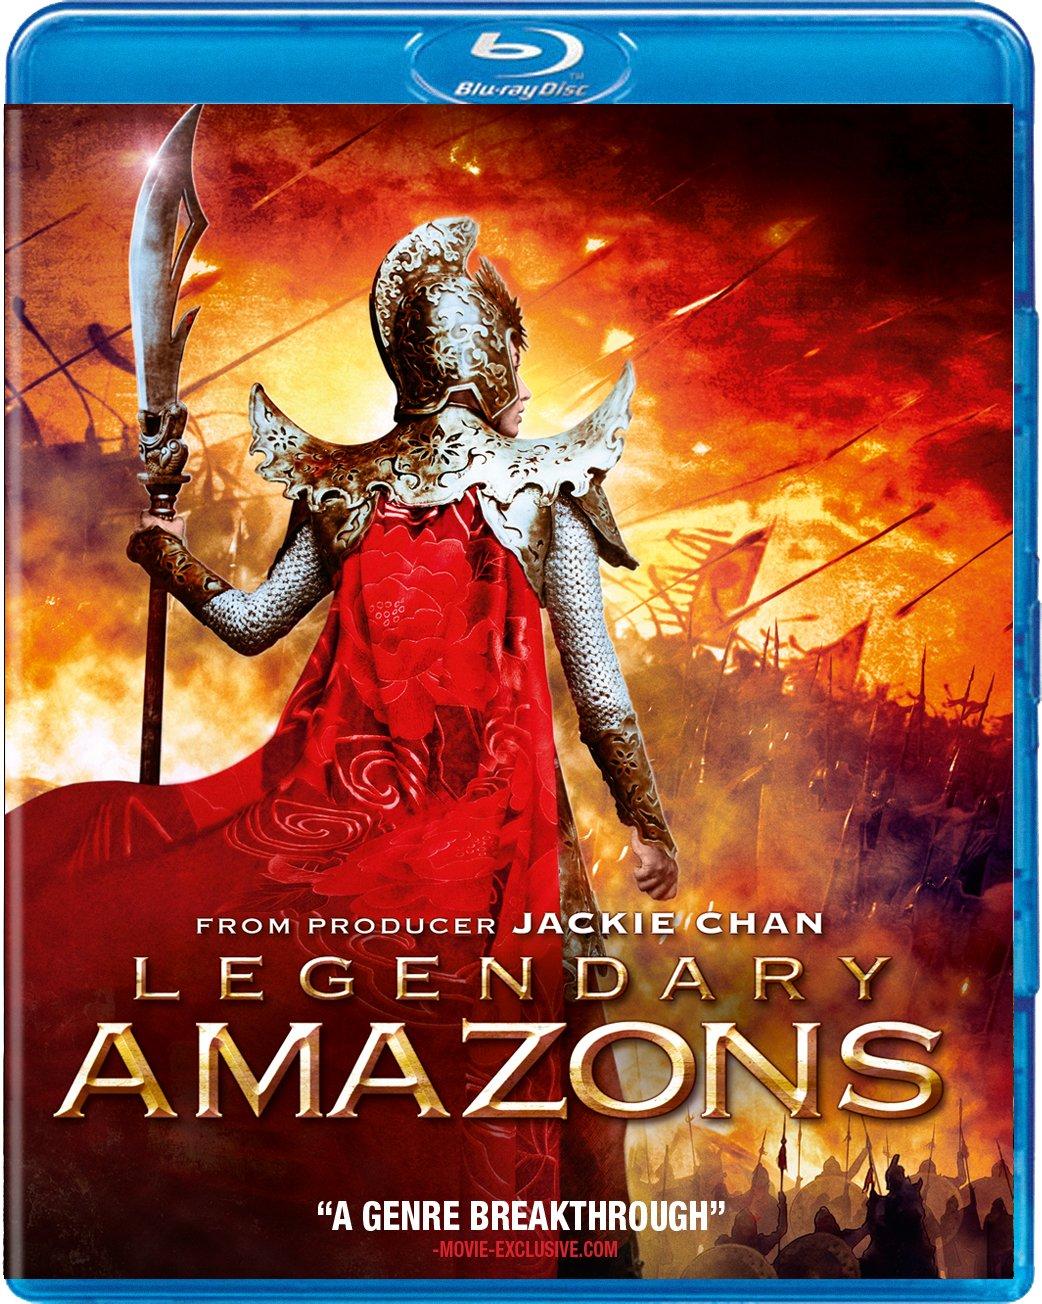 legendary amazons-#5